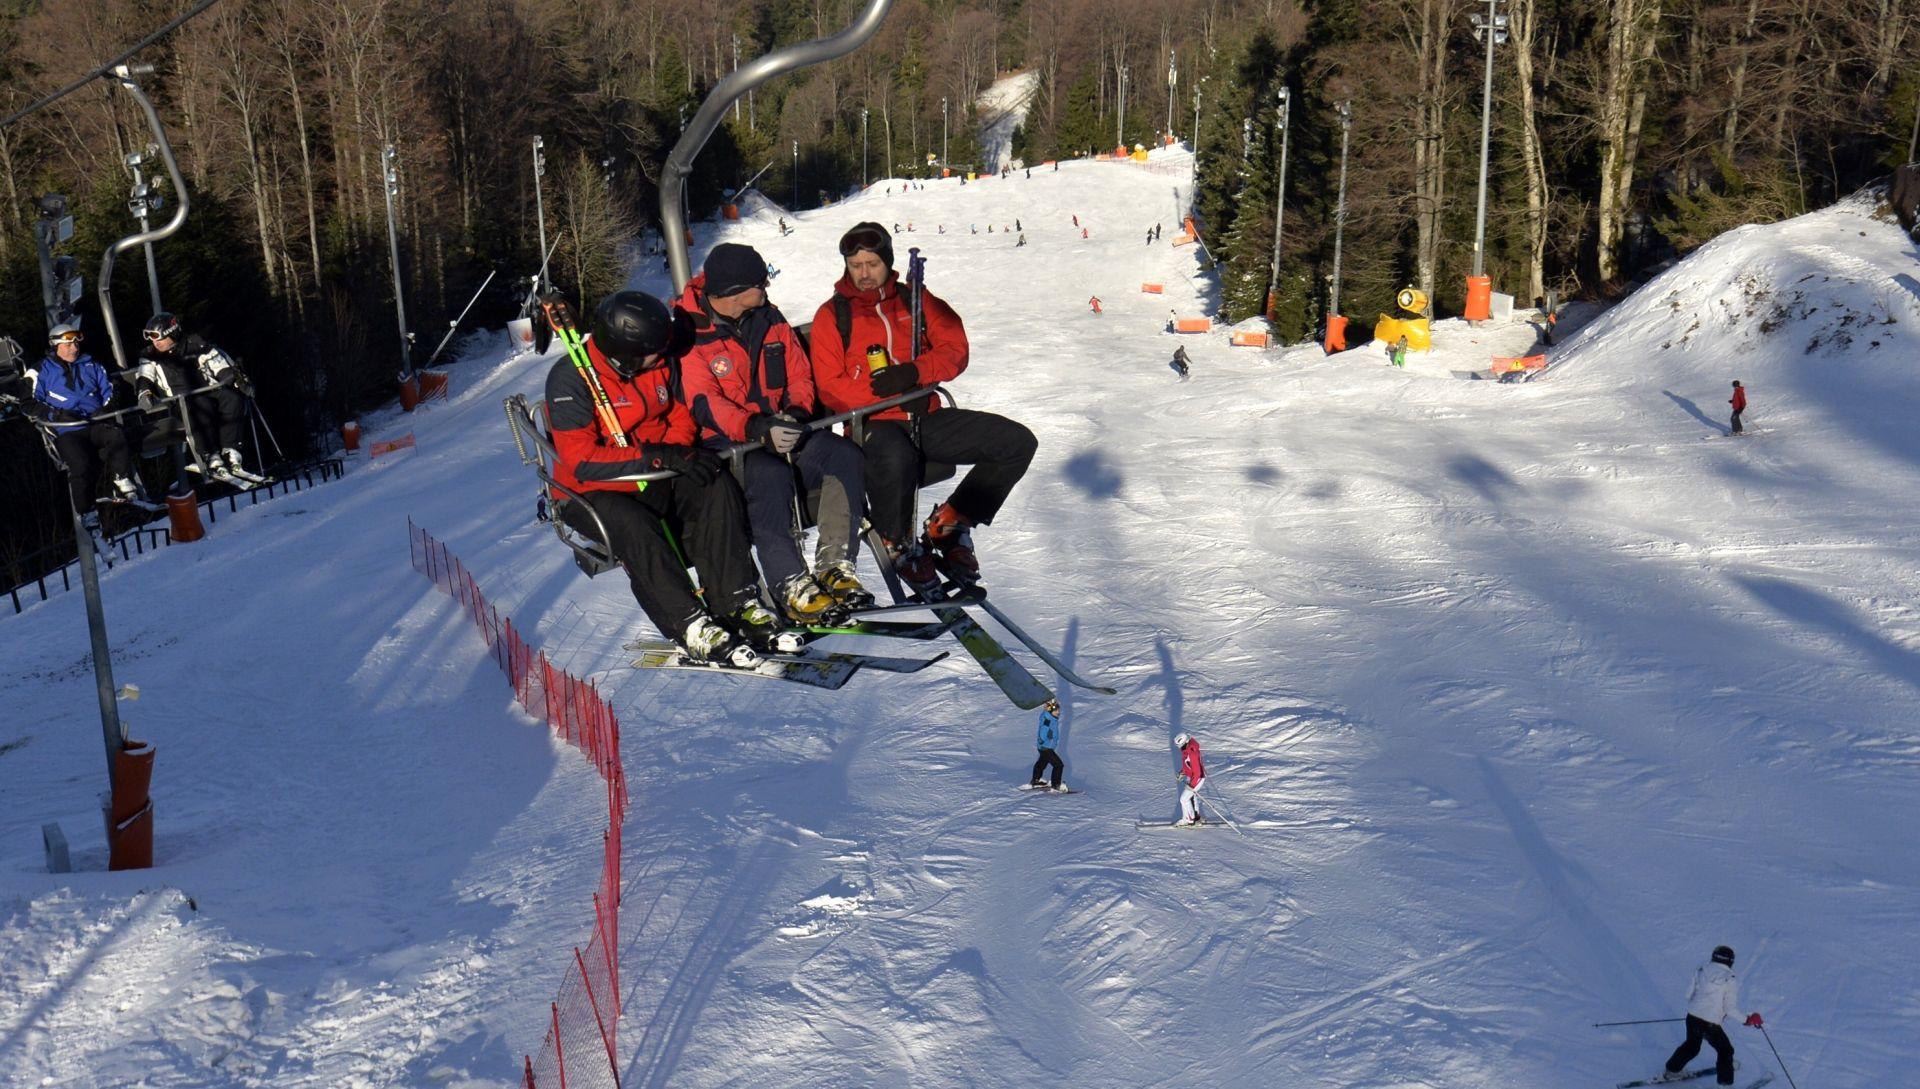 Skijajte sigurno uz Olival proizvode za zaštititu lica, ruku i usana